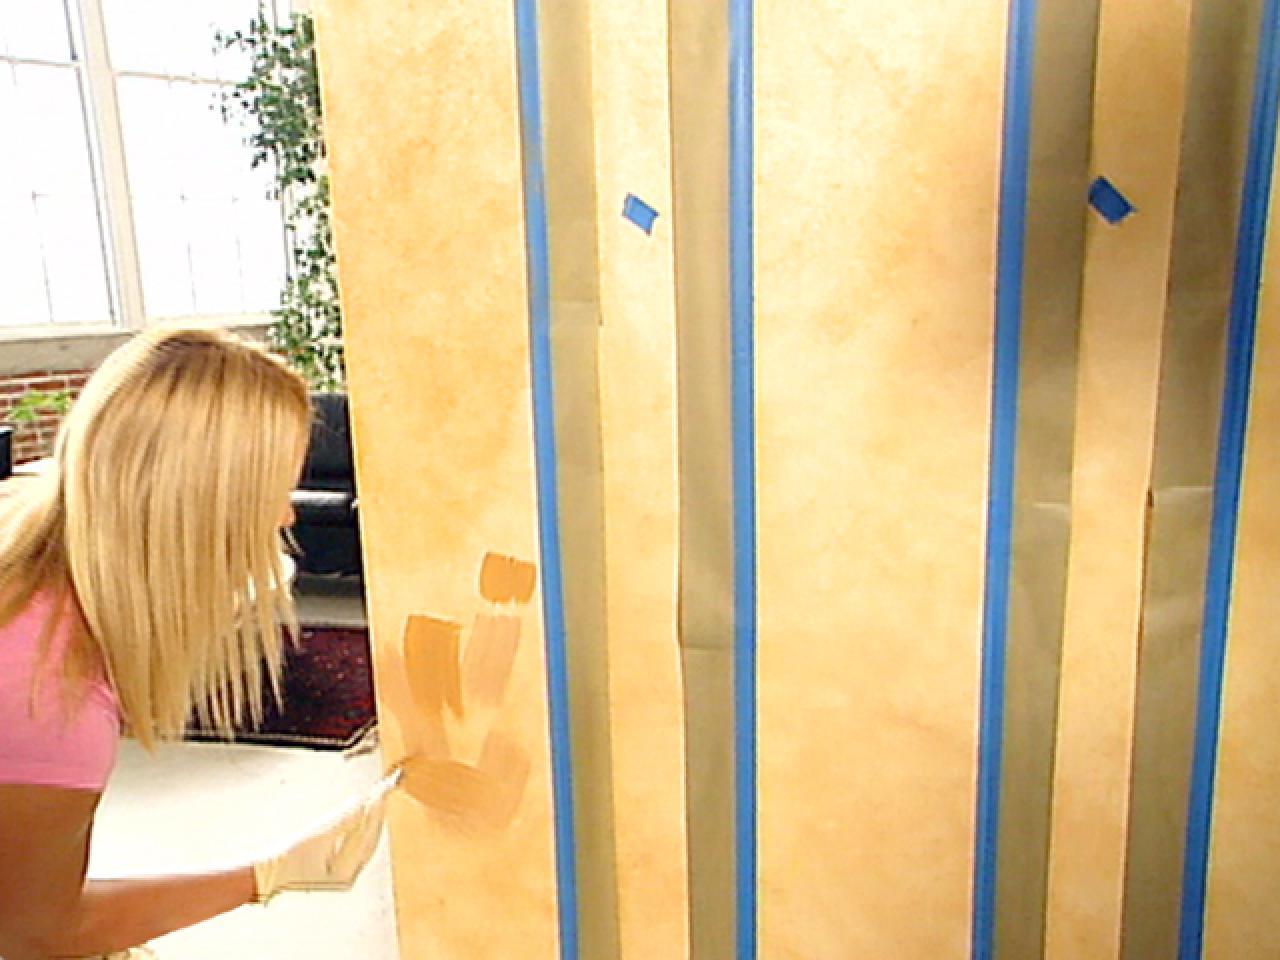 Decorative Paint Technique: Instructions for Painting Parchment ...